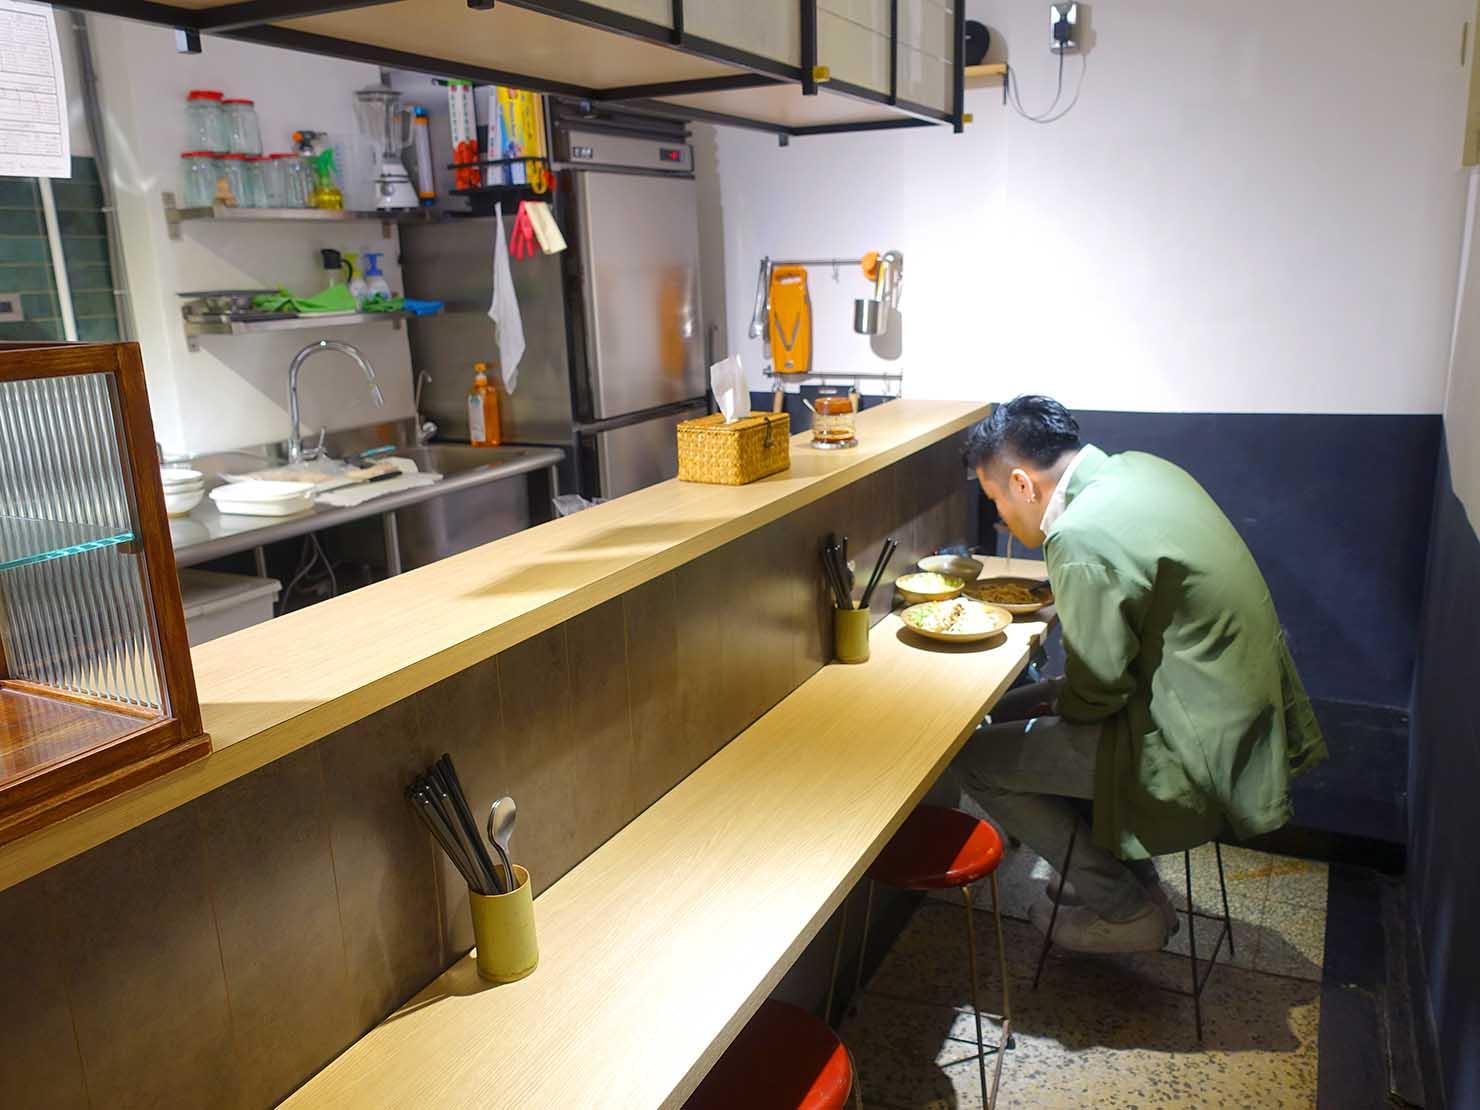 台北駅最寄りのグルメタウン・雙連のおすすめグルメ店「小良絆」の店内